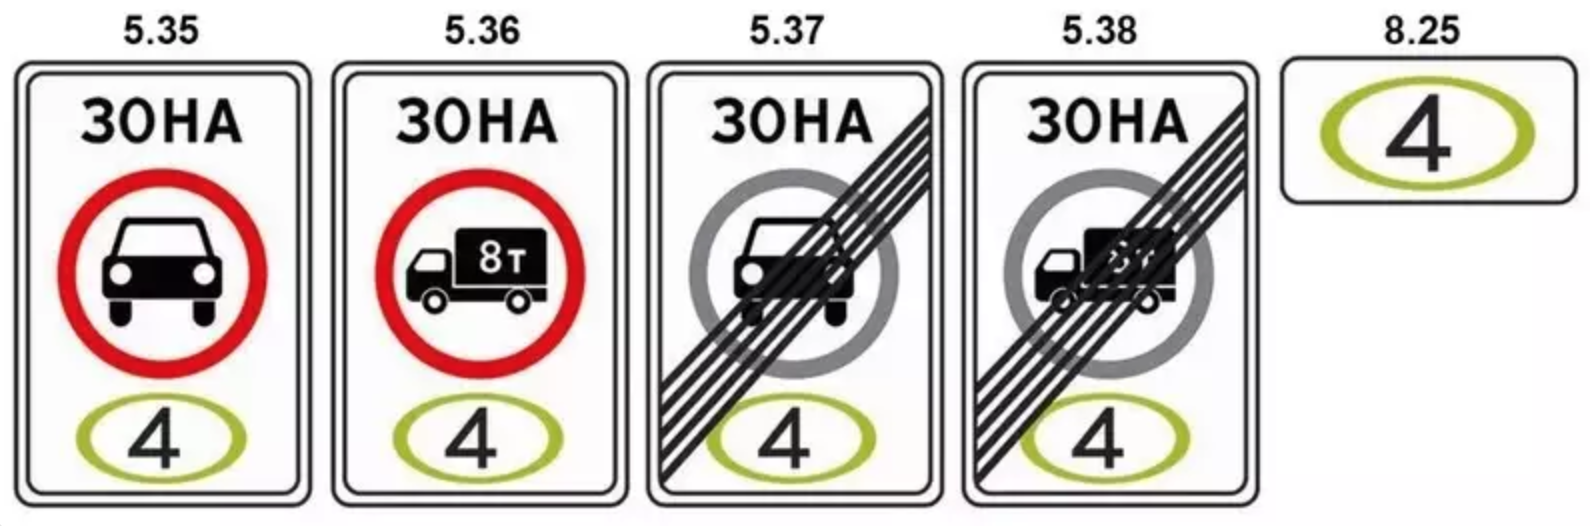 Знаки, запрещающие проезд неэкологичным автомобилям